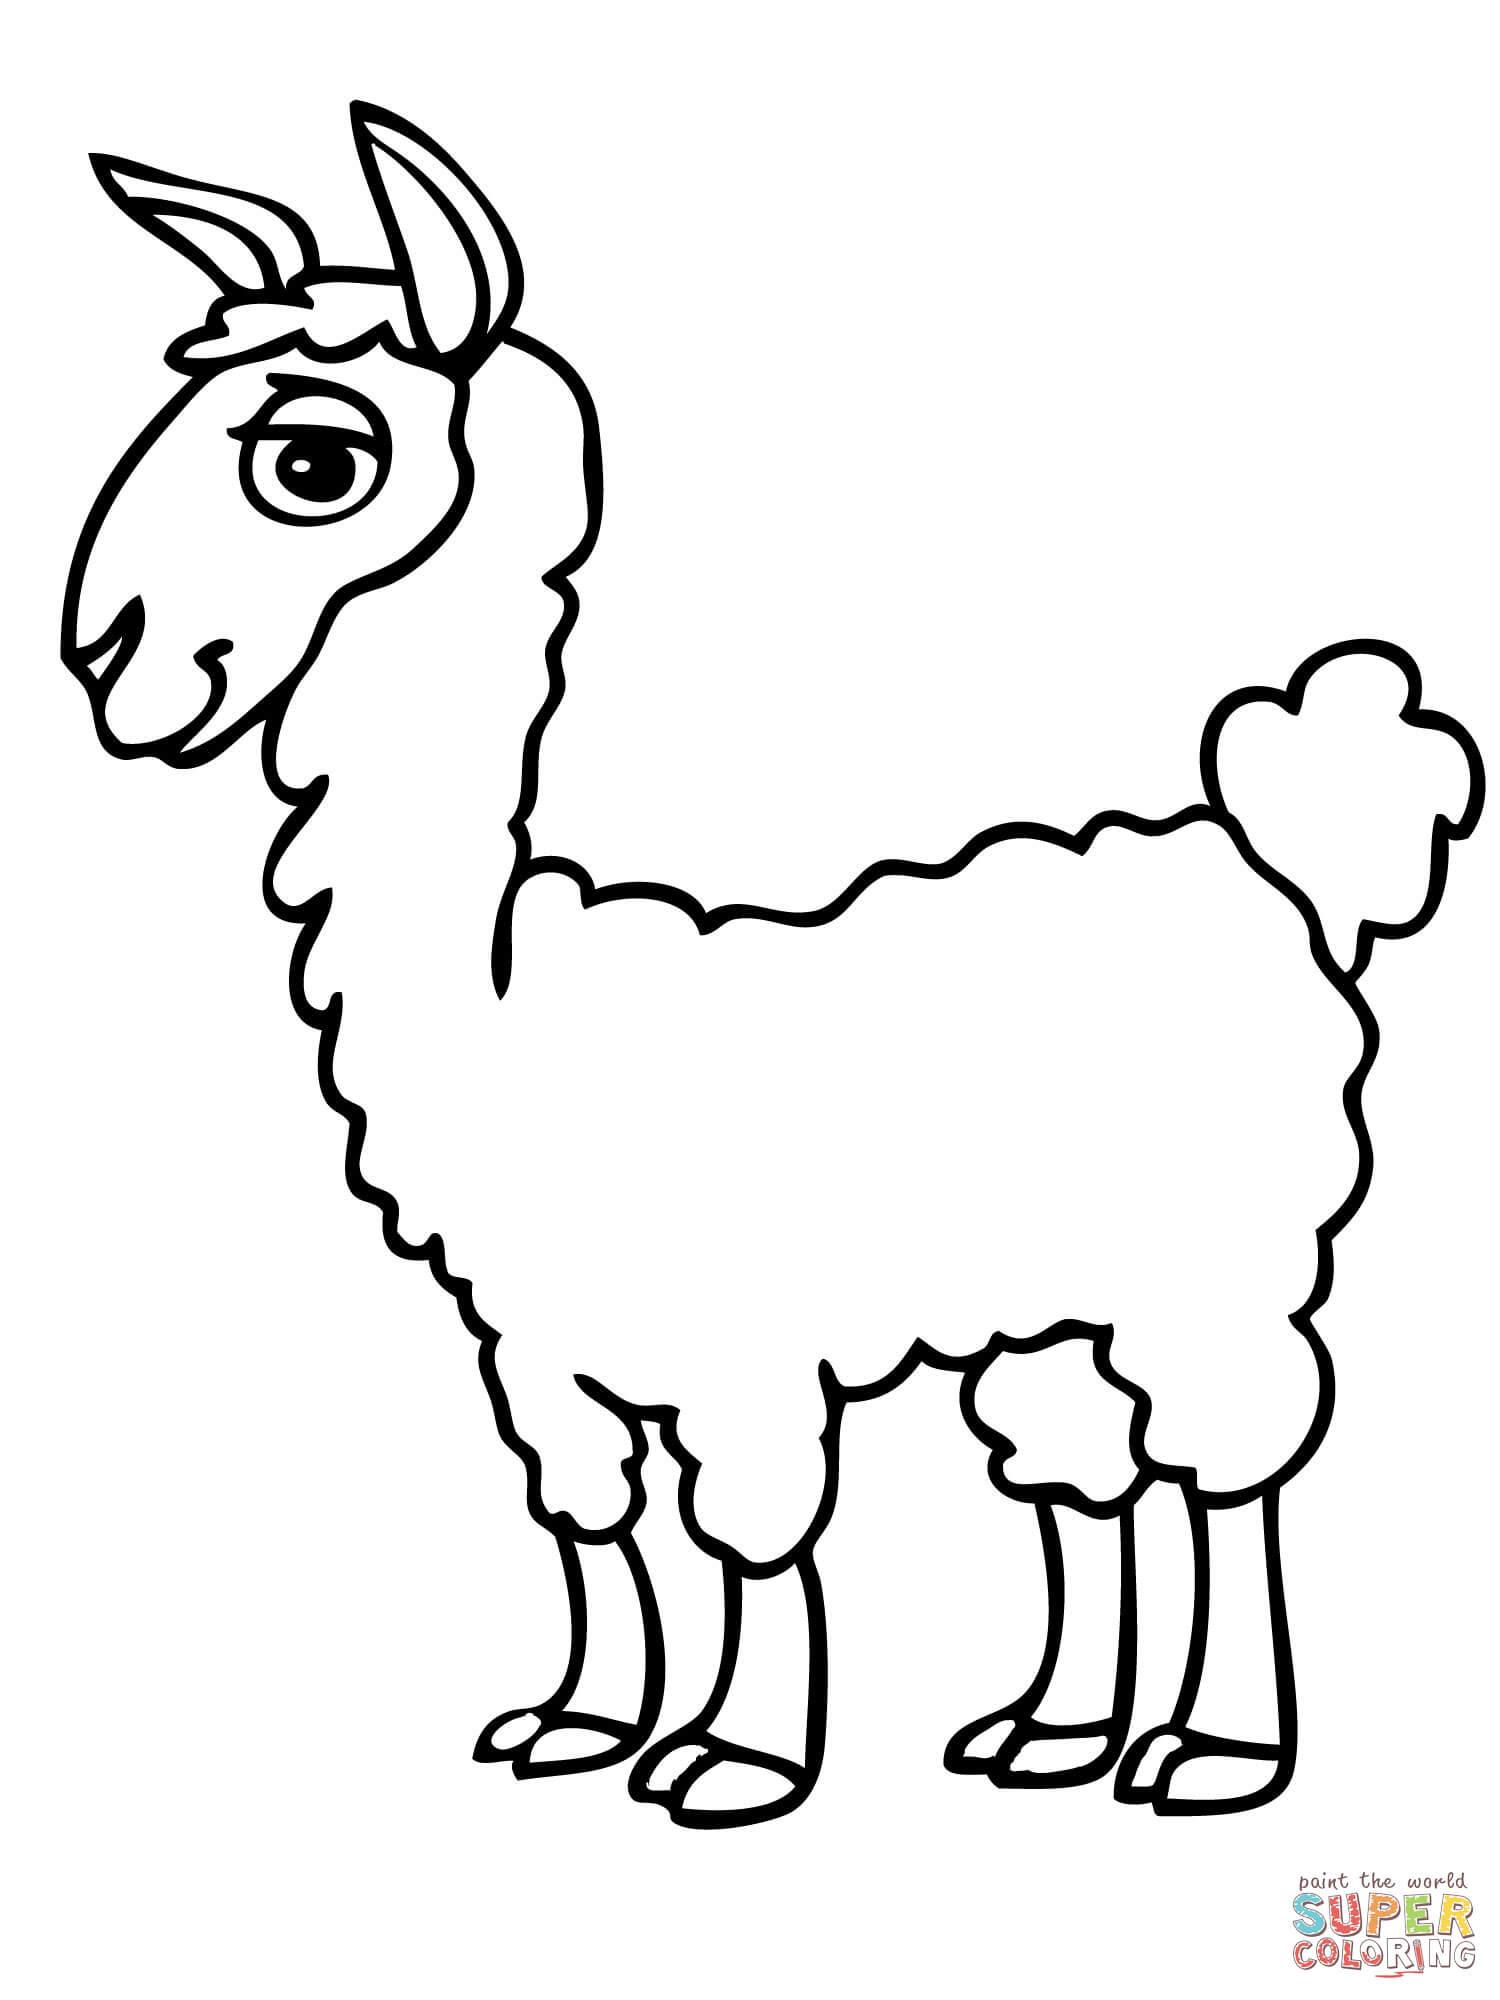 Ausmalbilder kostenlos lama - Ausmalbilder